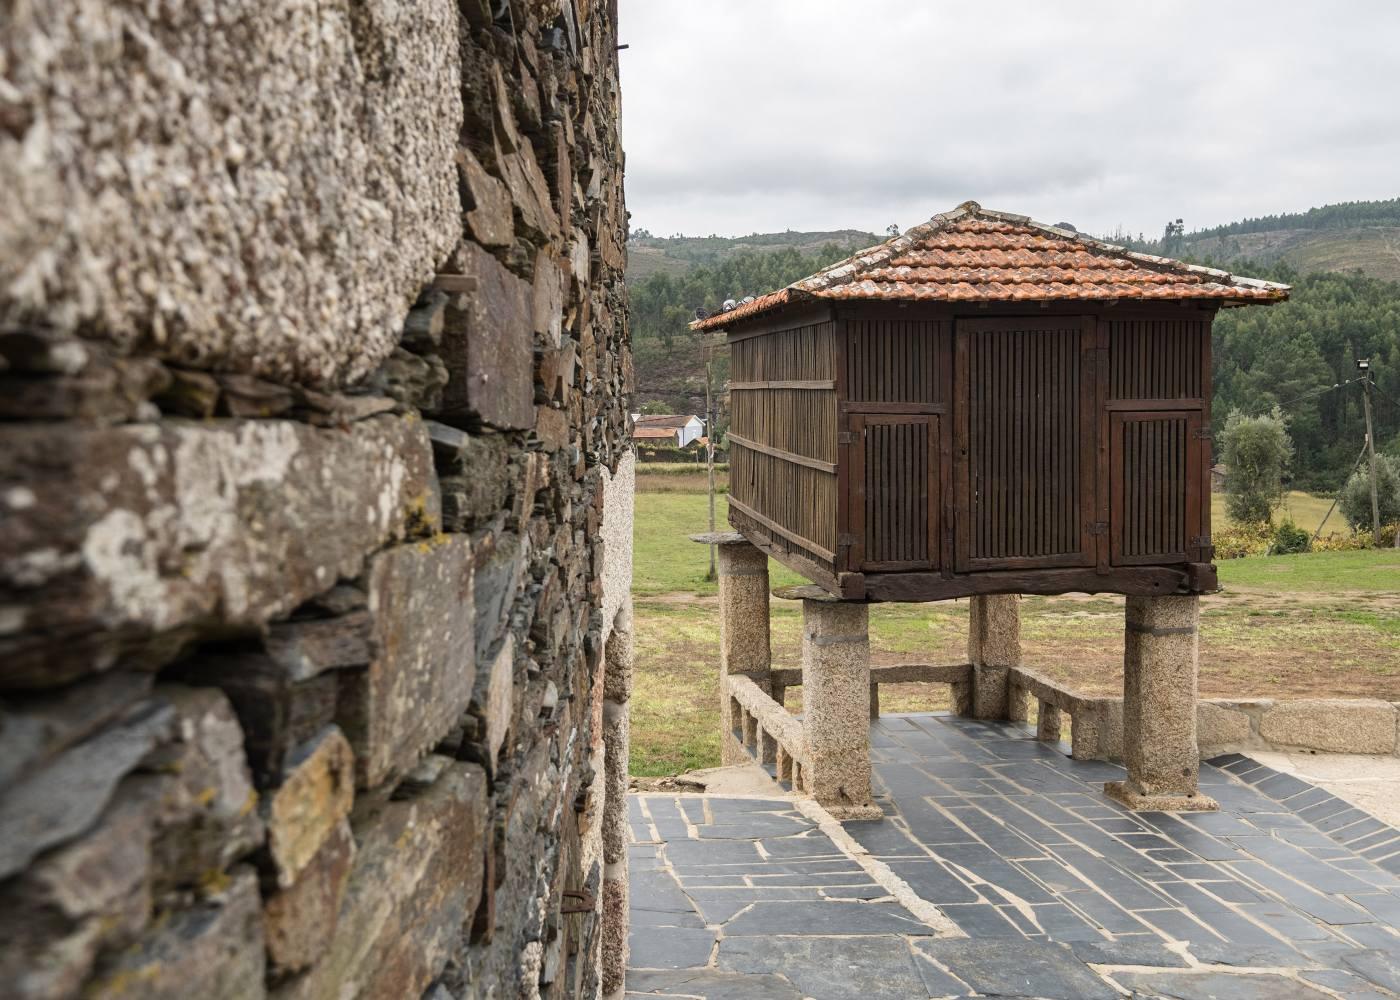 Palheiro na aldeia de Quintandona